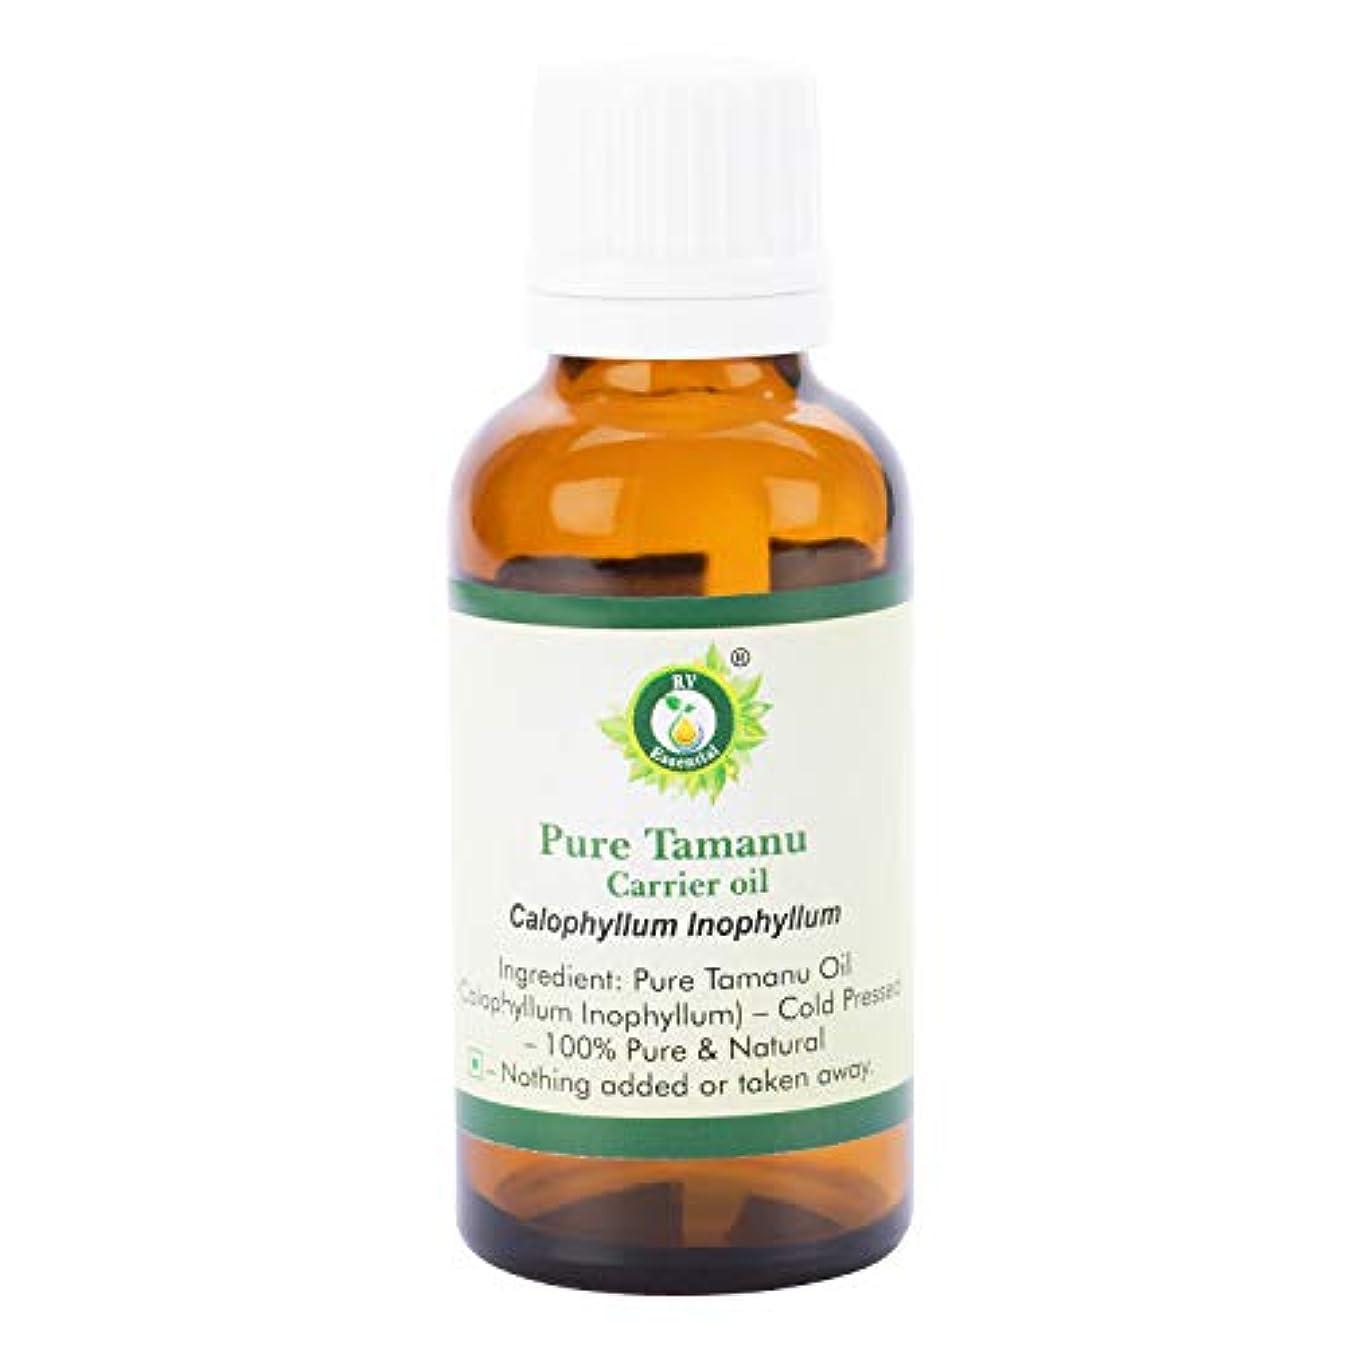 社員マンモスレジピュアTamanuキャリアオイル30ml (1.01oz)- Calophyllum Inophyllum (100%ピュア&ナチュラルコールドPressed) Pure Tamanu Carrier Oil